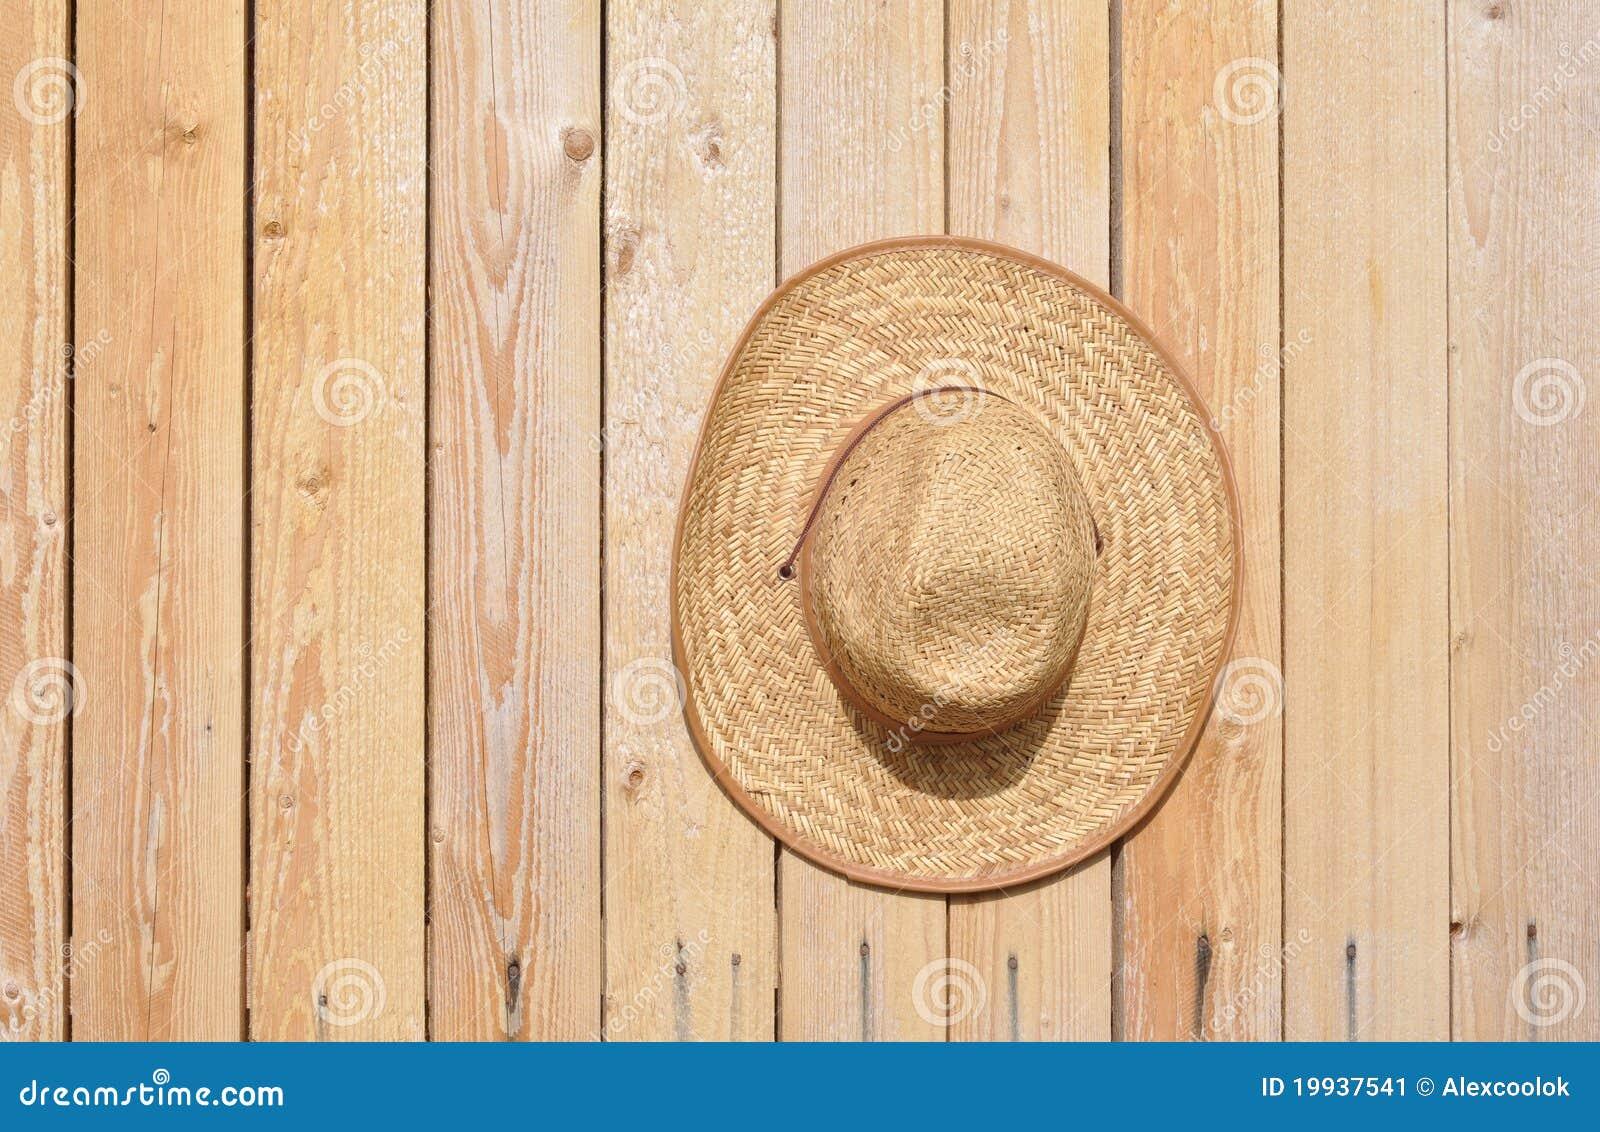 chapeau de paille sur le mur image stock image du couvre costume 19937541. Black Bedroom Furniture Sets. Home Design Ideas